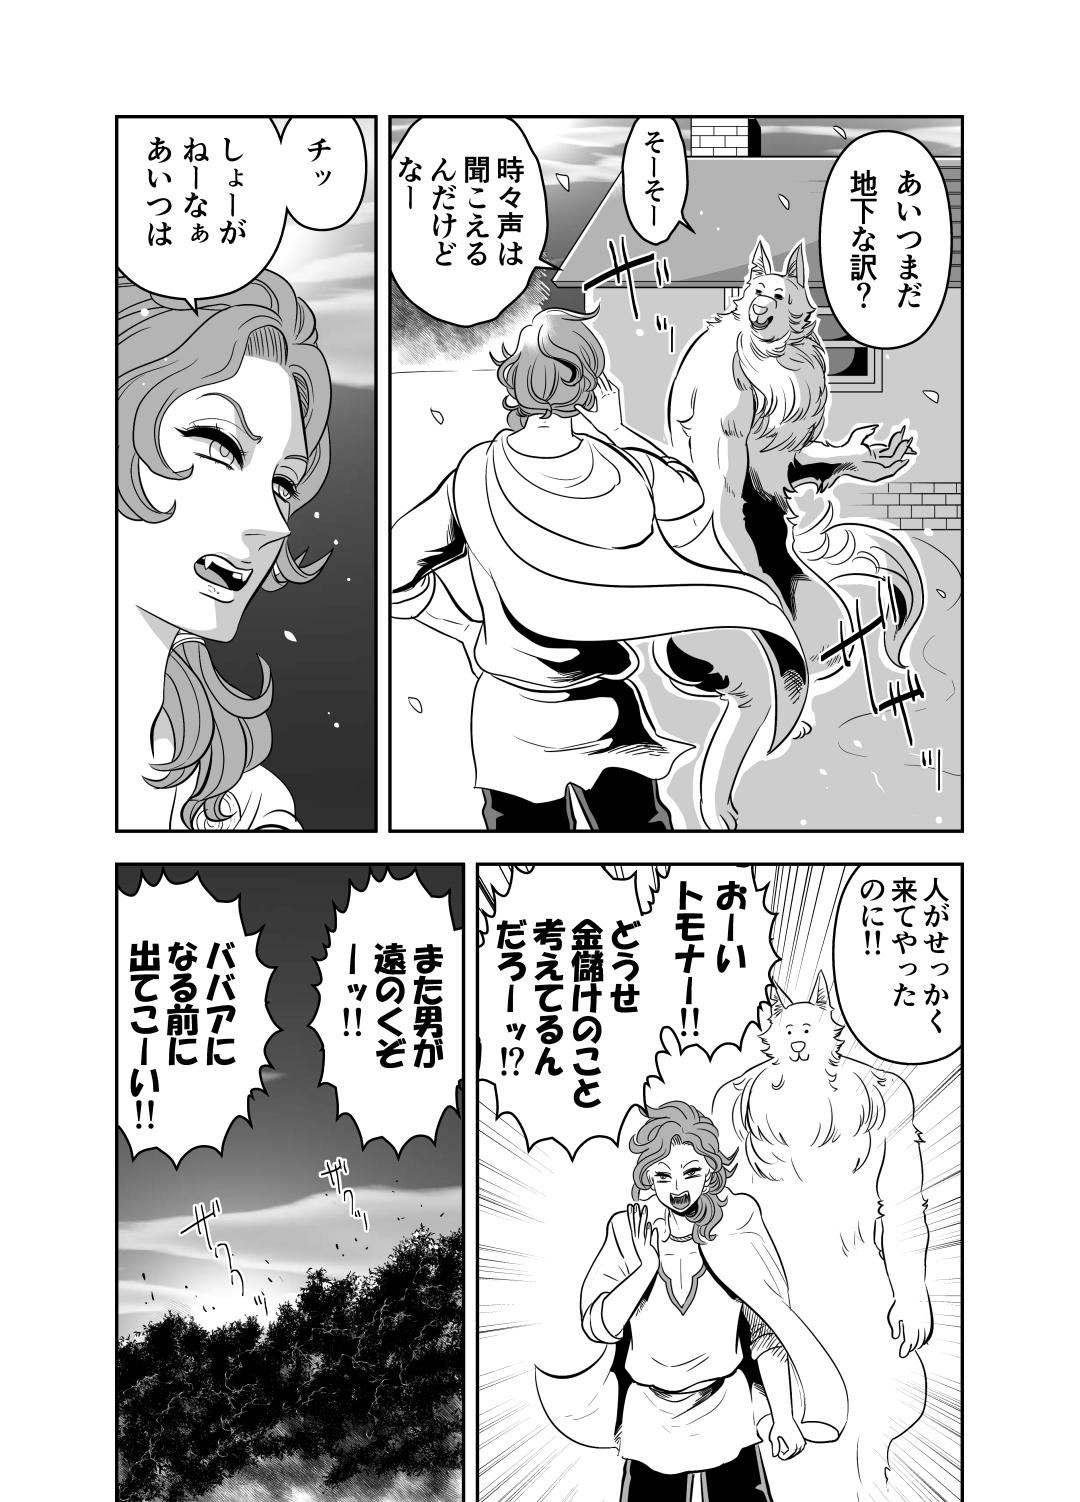 ヤサグレ魔女3ヤサグレ魔女と蛇少年と宝石男0010